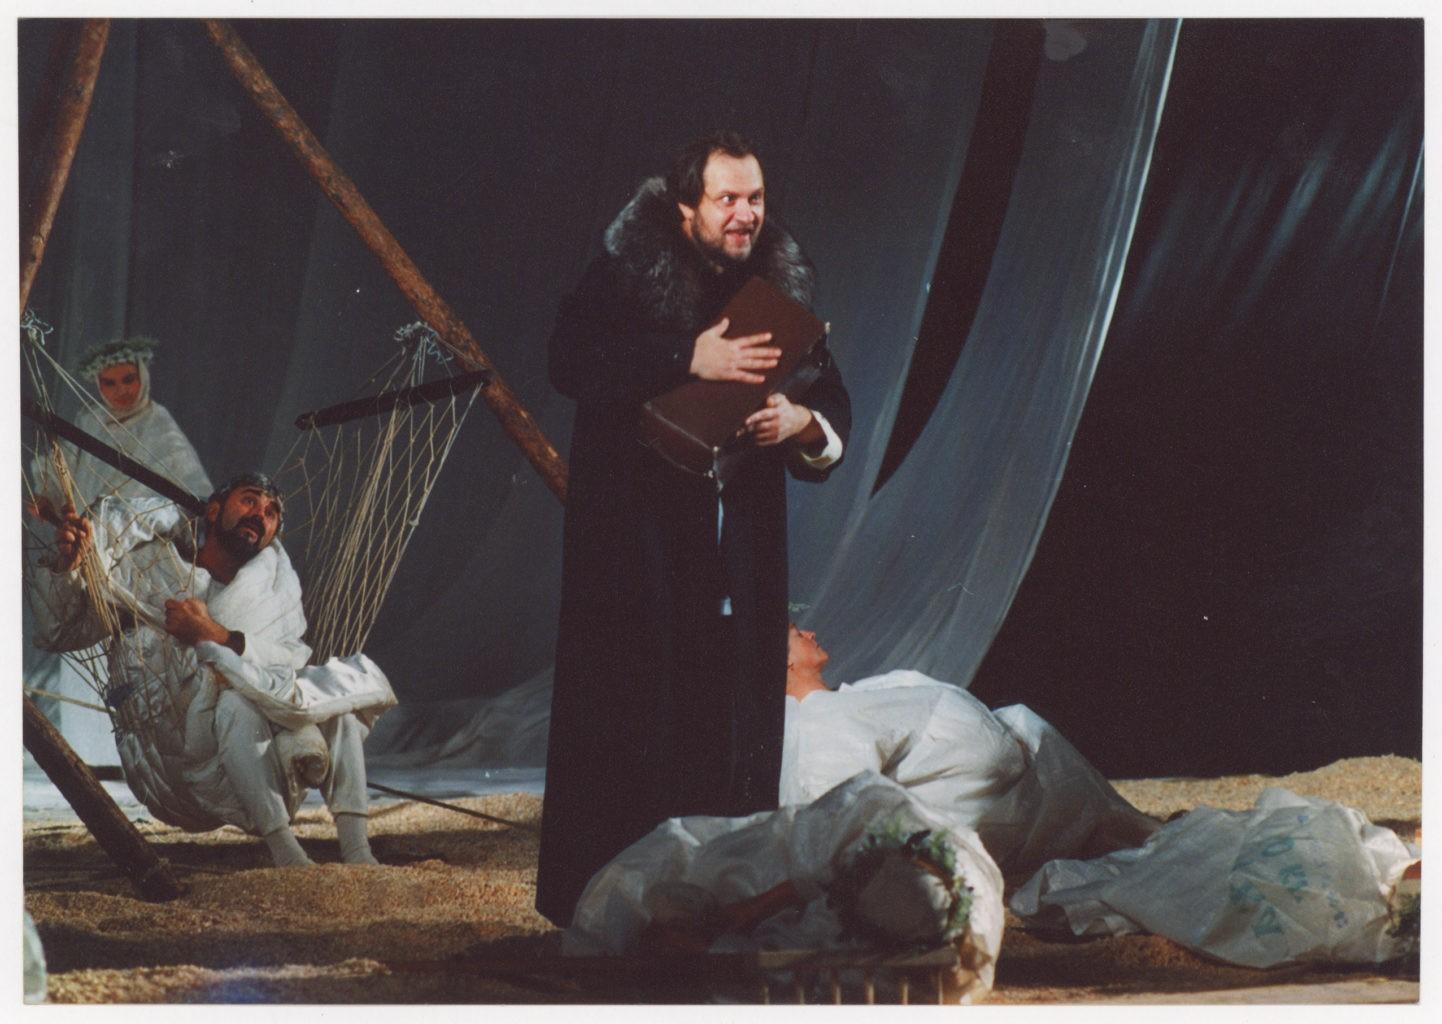 О. Ширшин, А. Коротицкий (спектакль «Мёртвые души» сезон 2001-2002 гг.): фото